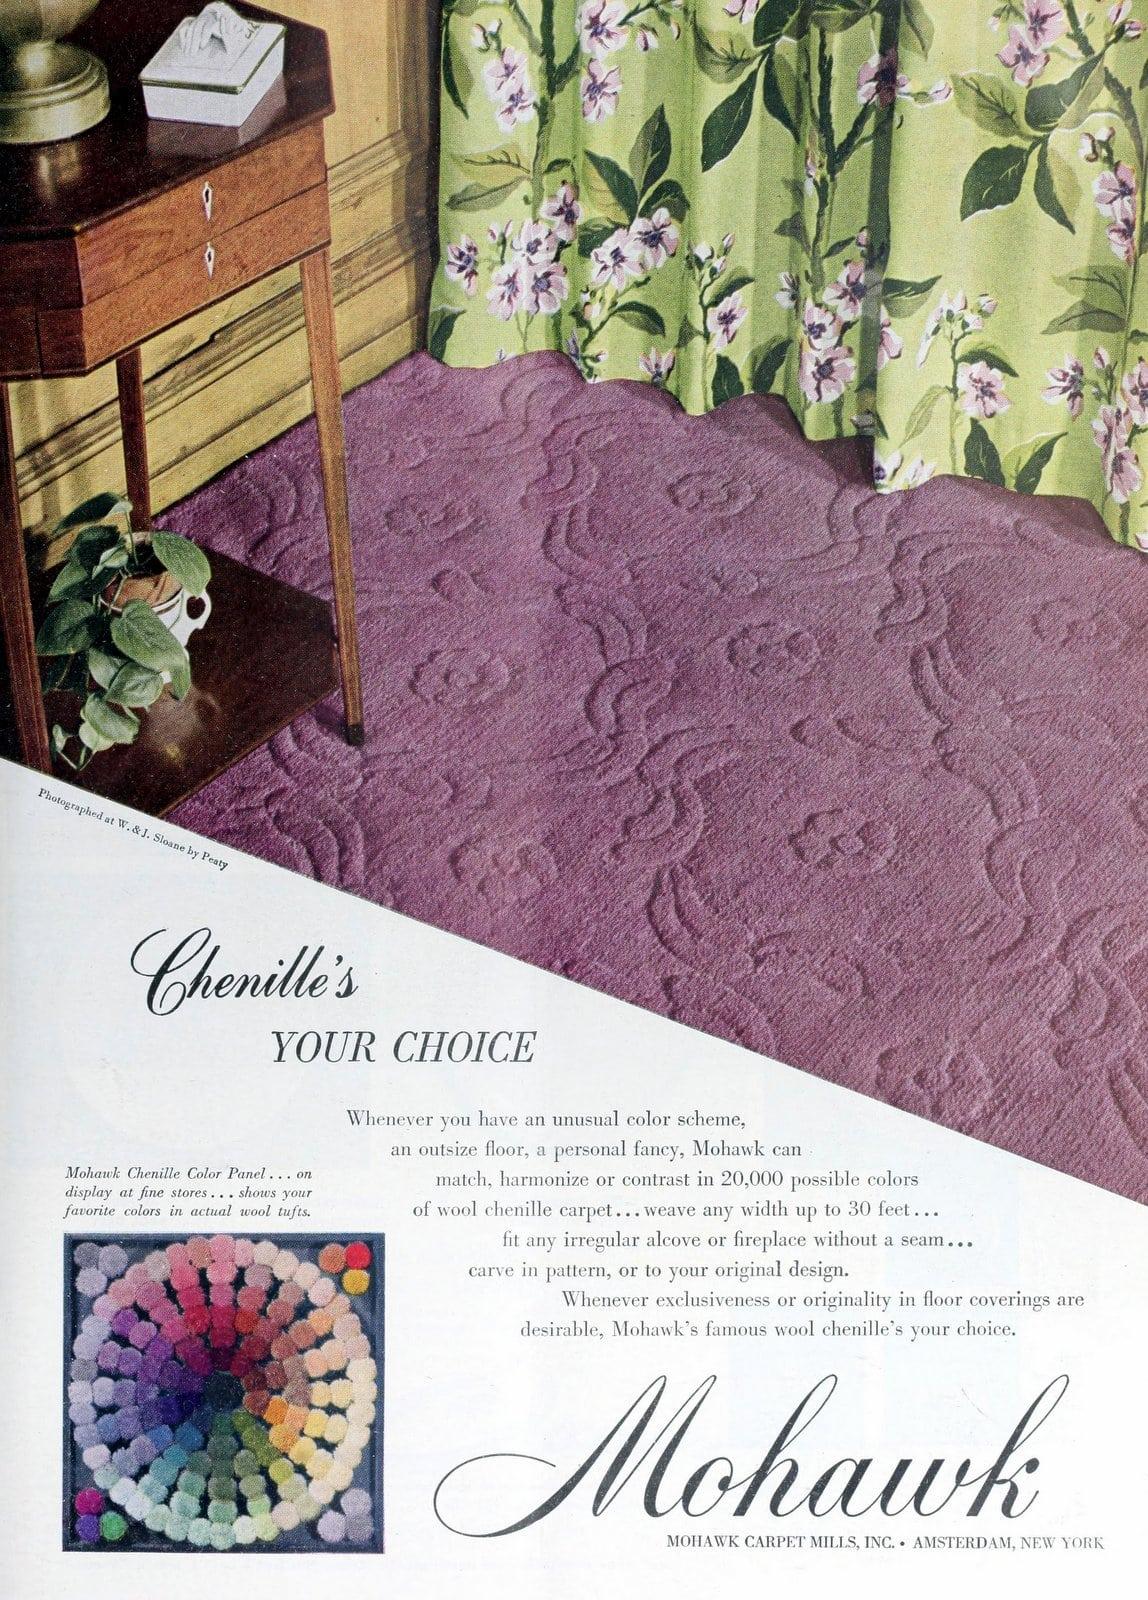 Purple Mohawk brand sculpted vintage carpet (1949)